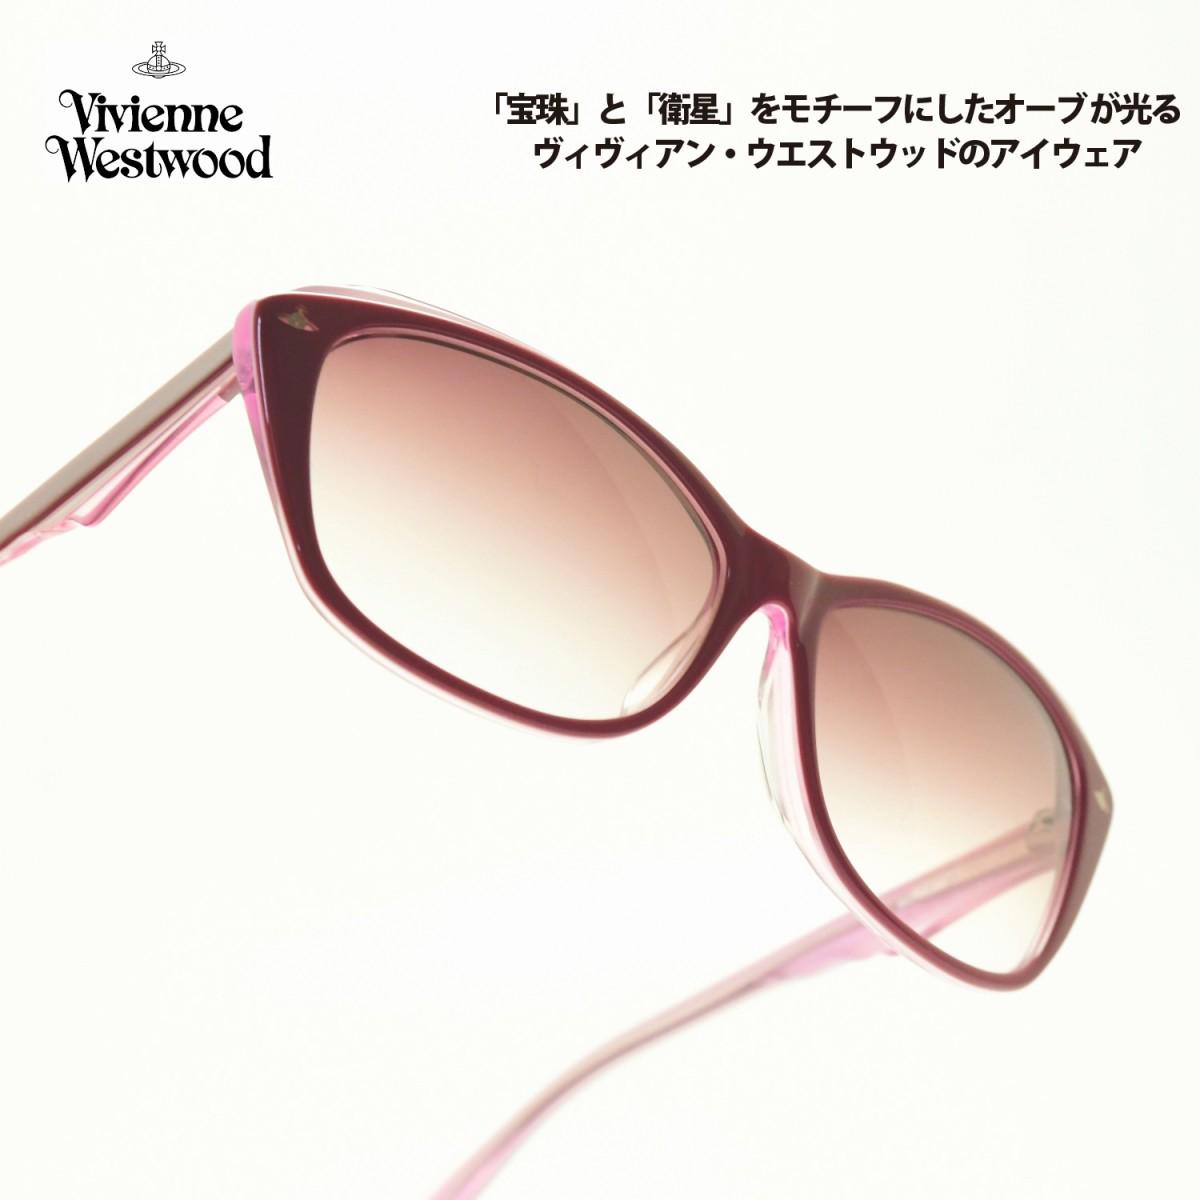 Vivienne Westwood ヴィヴィアンウエストウッドVW-7753 PCアウトレット商品になります